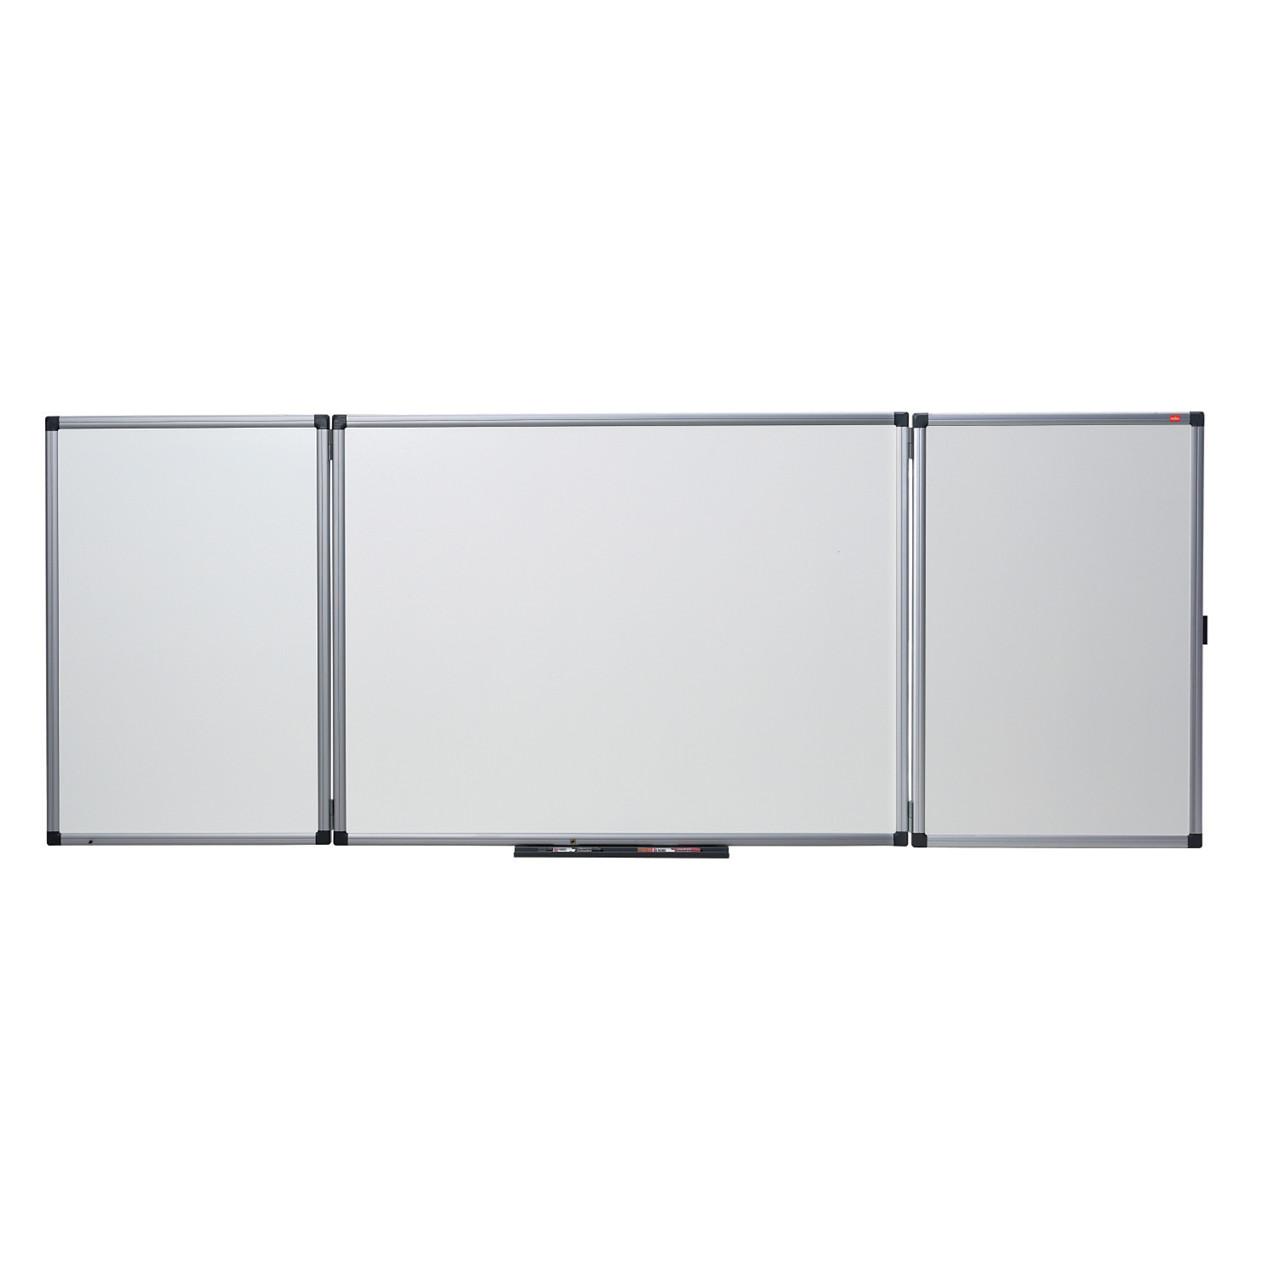 nobo whiteboard 120 x 90 cm med 2 foldbare paneler k b. Black Bedroom Furniture Sets. Home Design Ideas